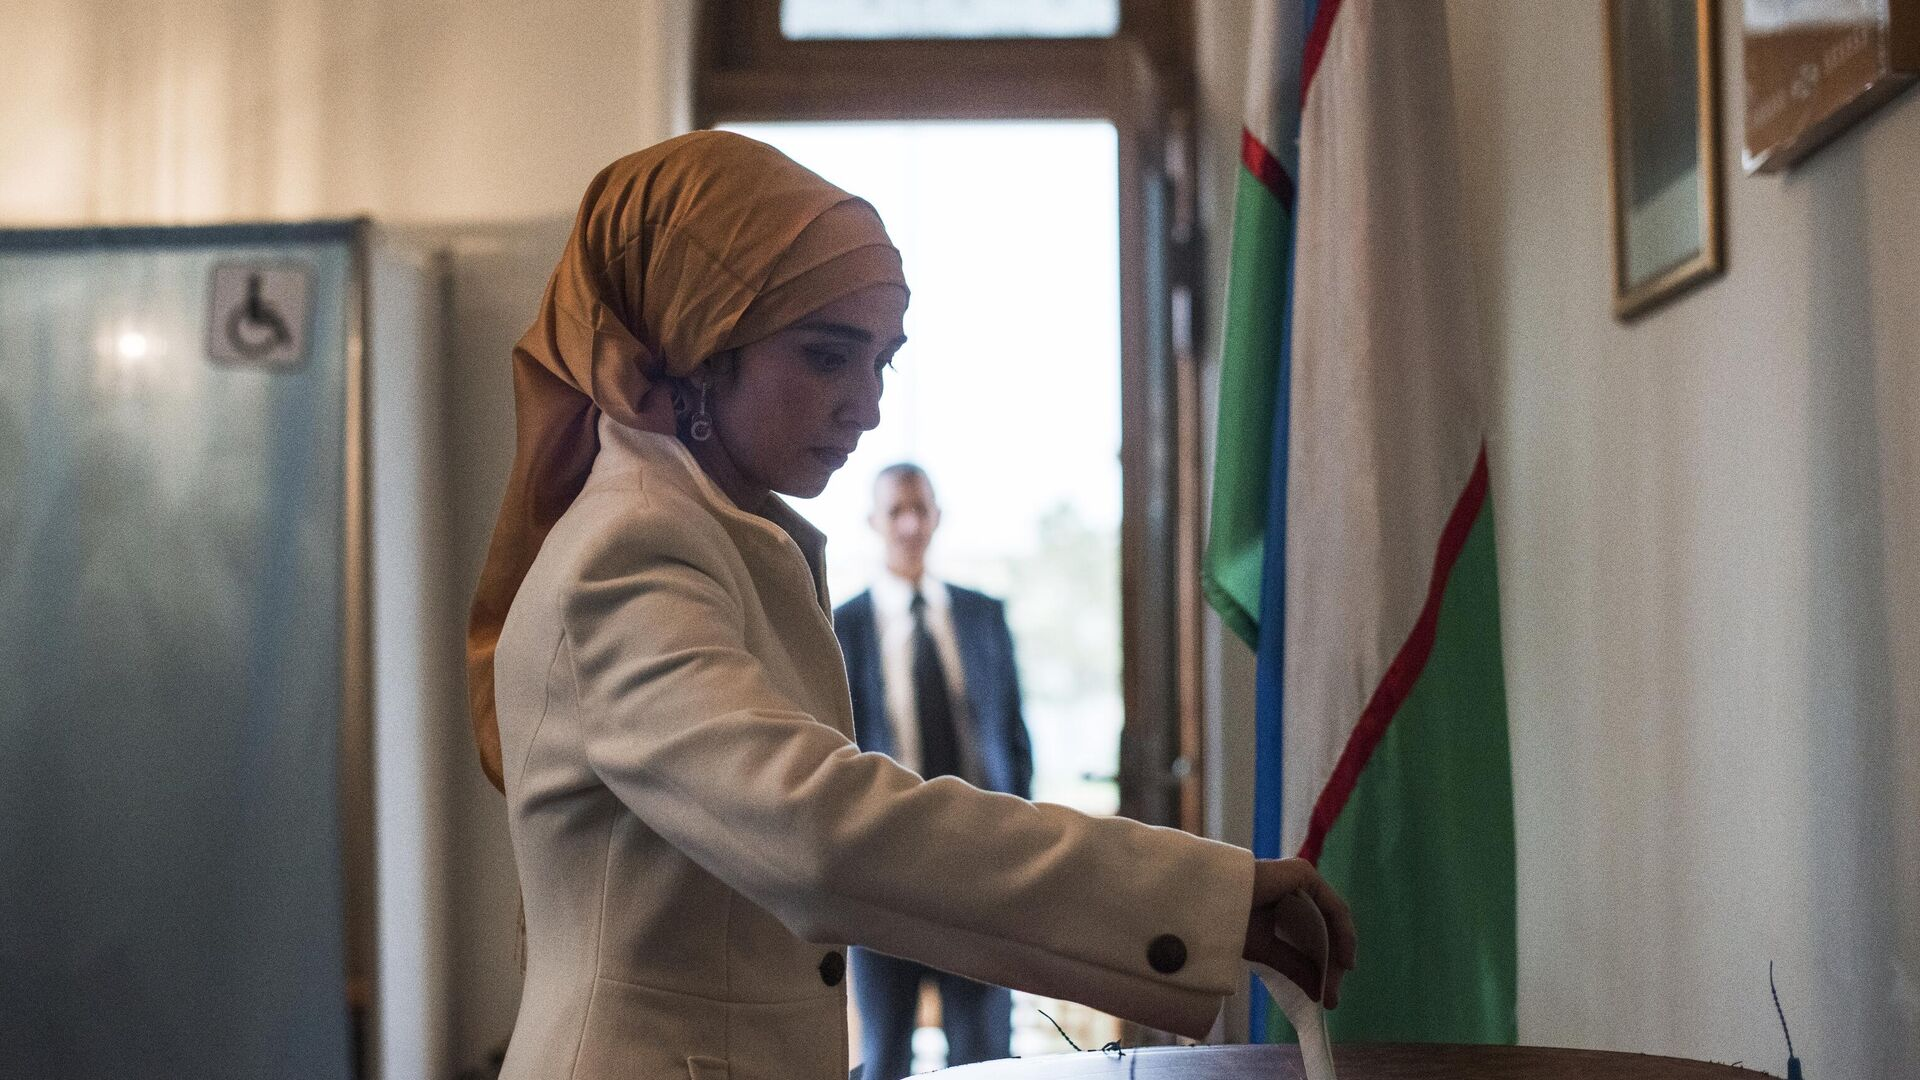 Женщина голосует на избирательном участке во время выборов президента Узбекистана - Sputnik Узбекистан, 1920, 30.09.2021